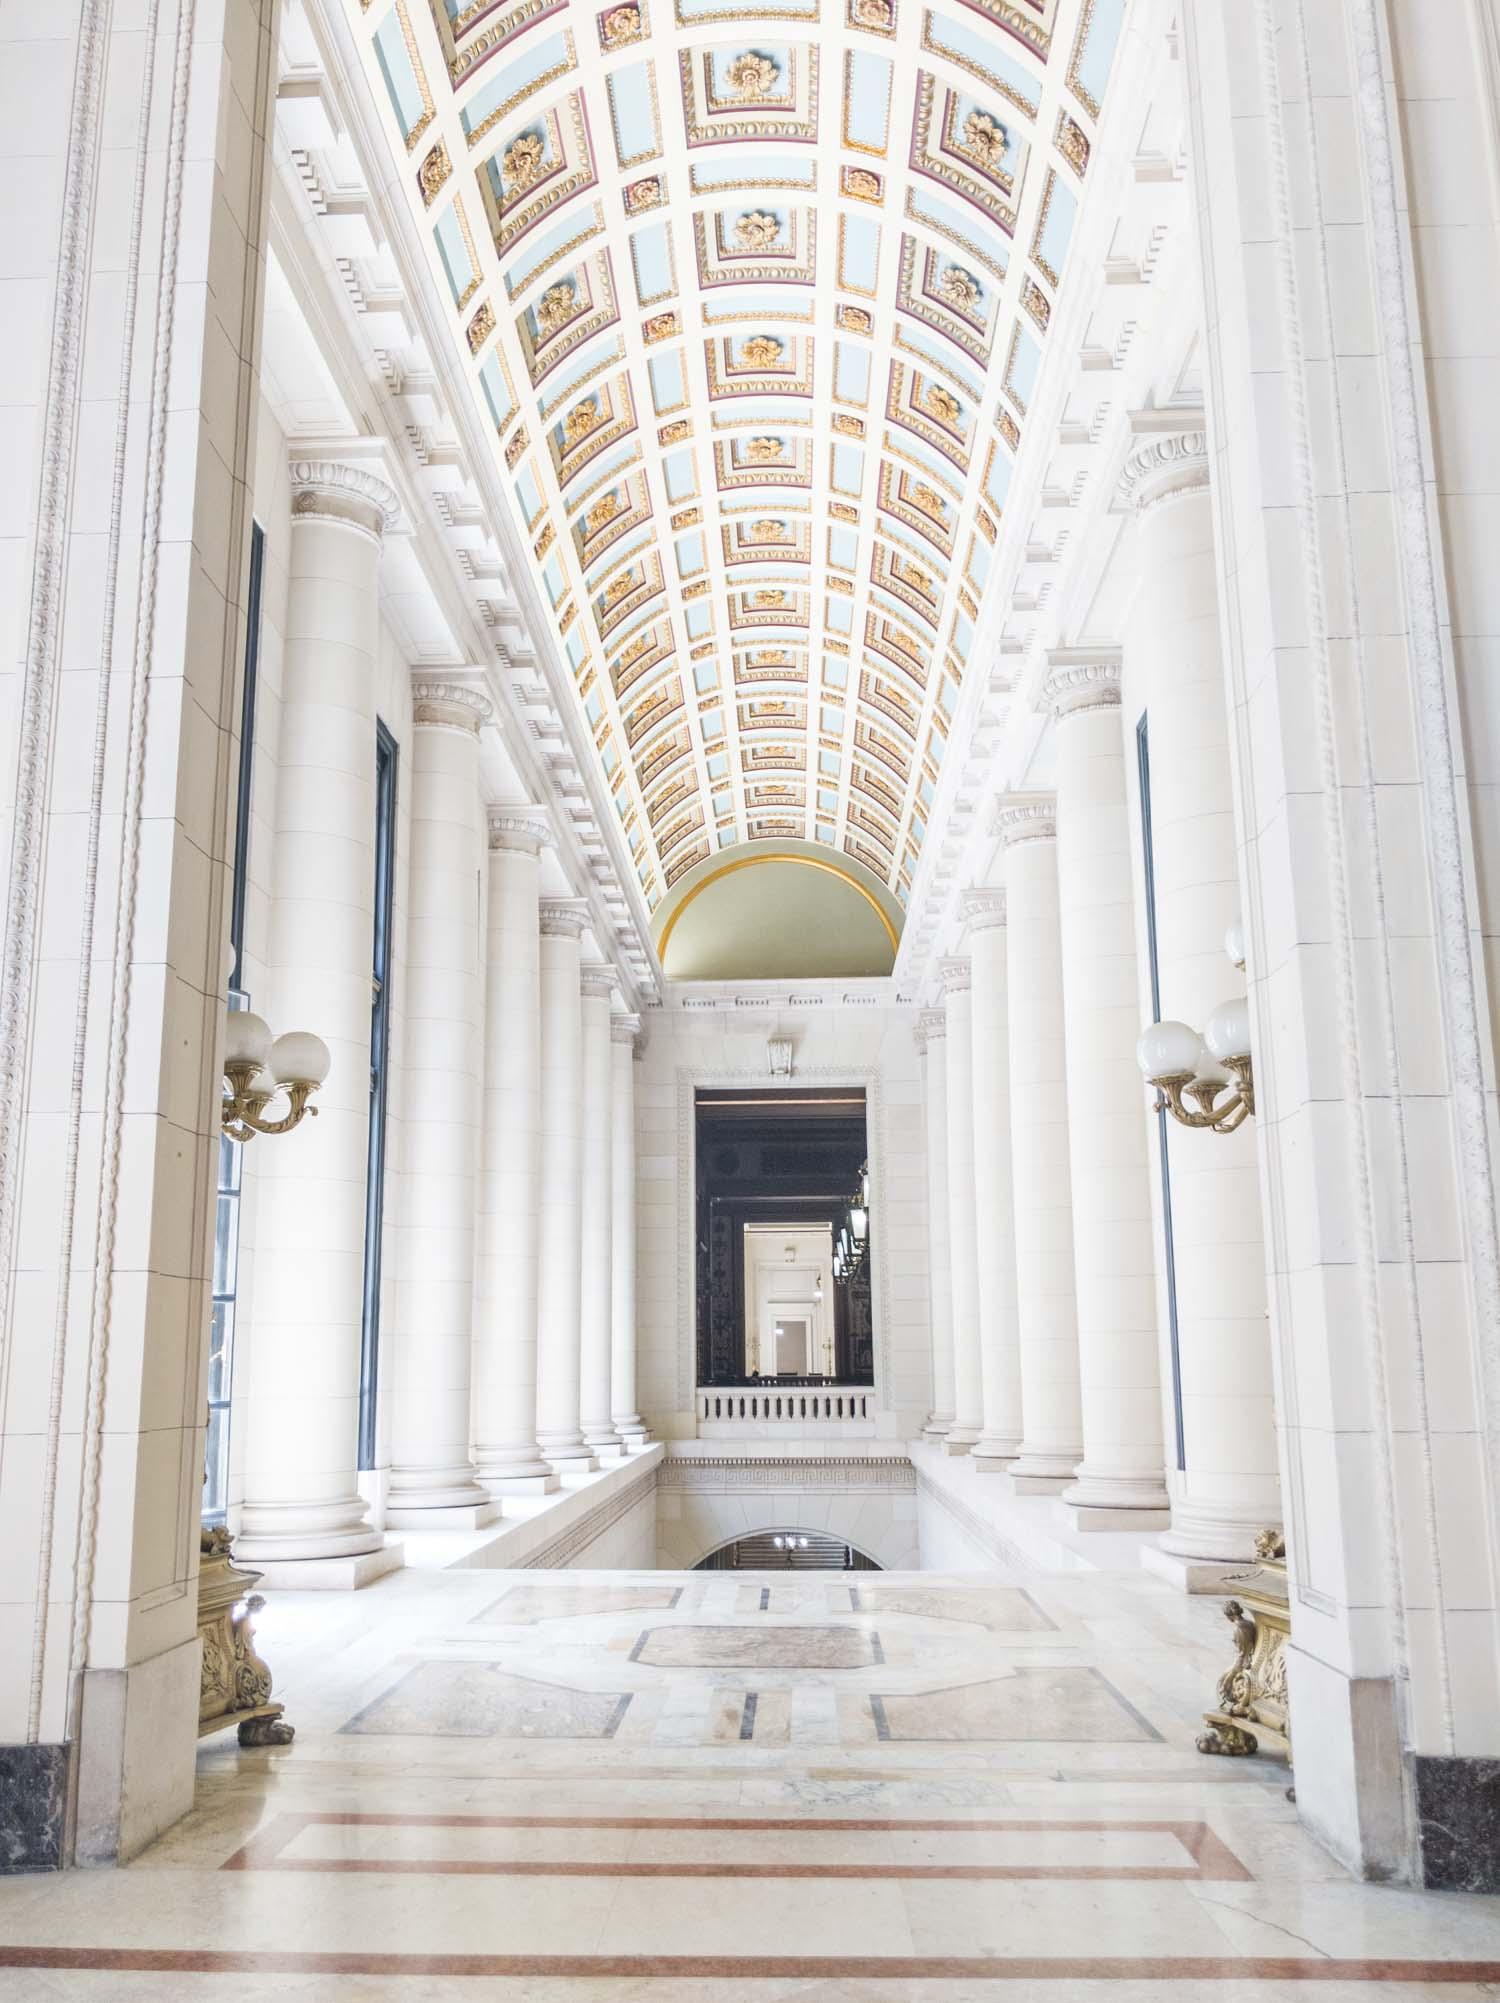 El Capitolio hallway in Havana Cuba